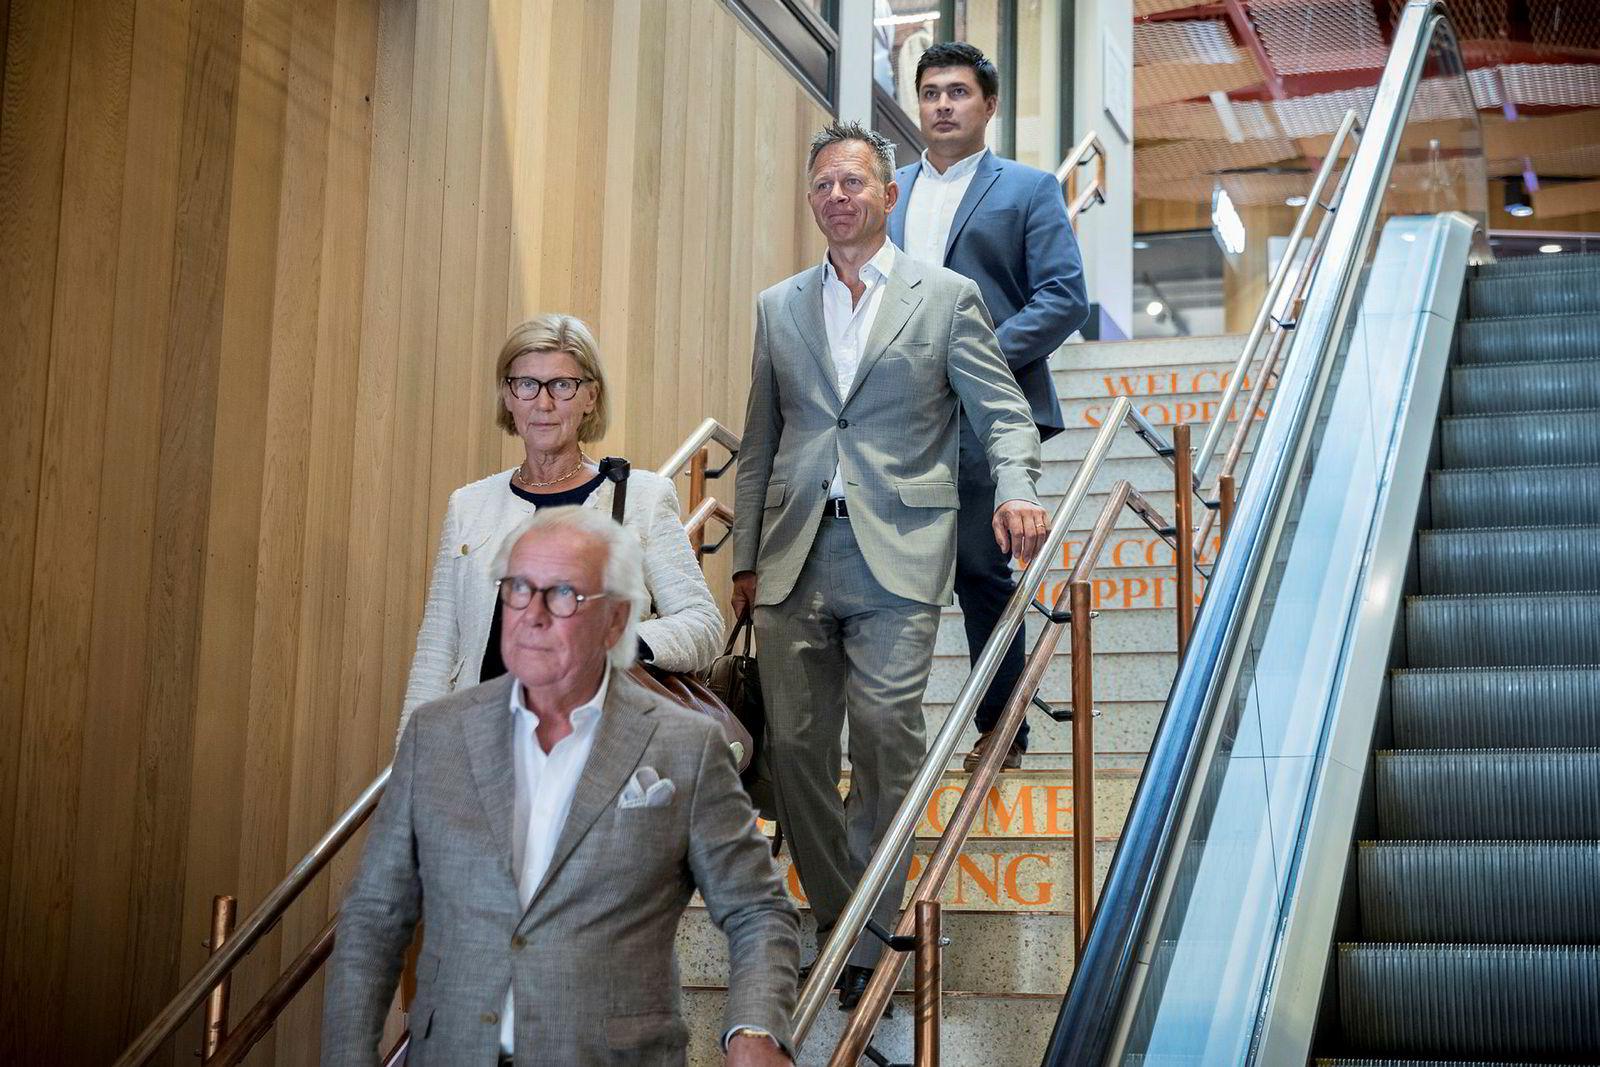 Holta Invest kjøper seg inn som hovedeiere med 60 prosent av aksjene i J.M Alsén Design AB, som eier varemerket Morris Stockholm. Selskapet har utvidet med ytterligere to linjer; Morris Herritage, og Morris Lady. Fra nederst i trappen og oppover: Jan Alsén grunnlegger Morris Stockholm, Eva Alsén, Dag Teigland daglig leder i Holta Invest og Reidar Tveiten Investeringsdirektør i Holta Invest.